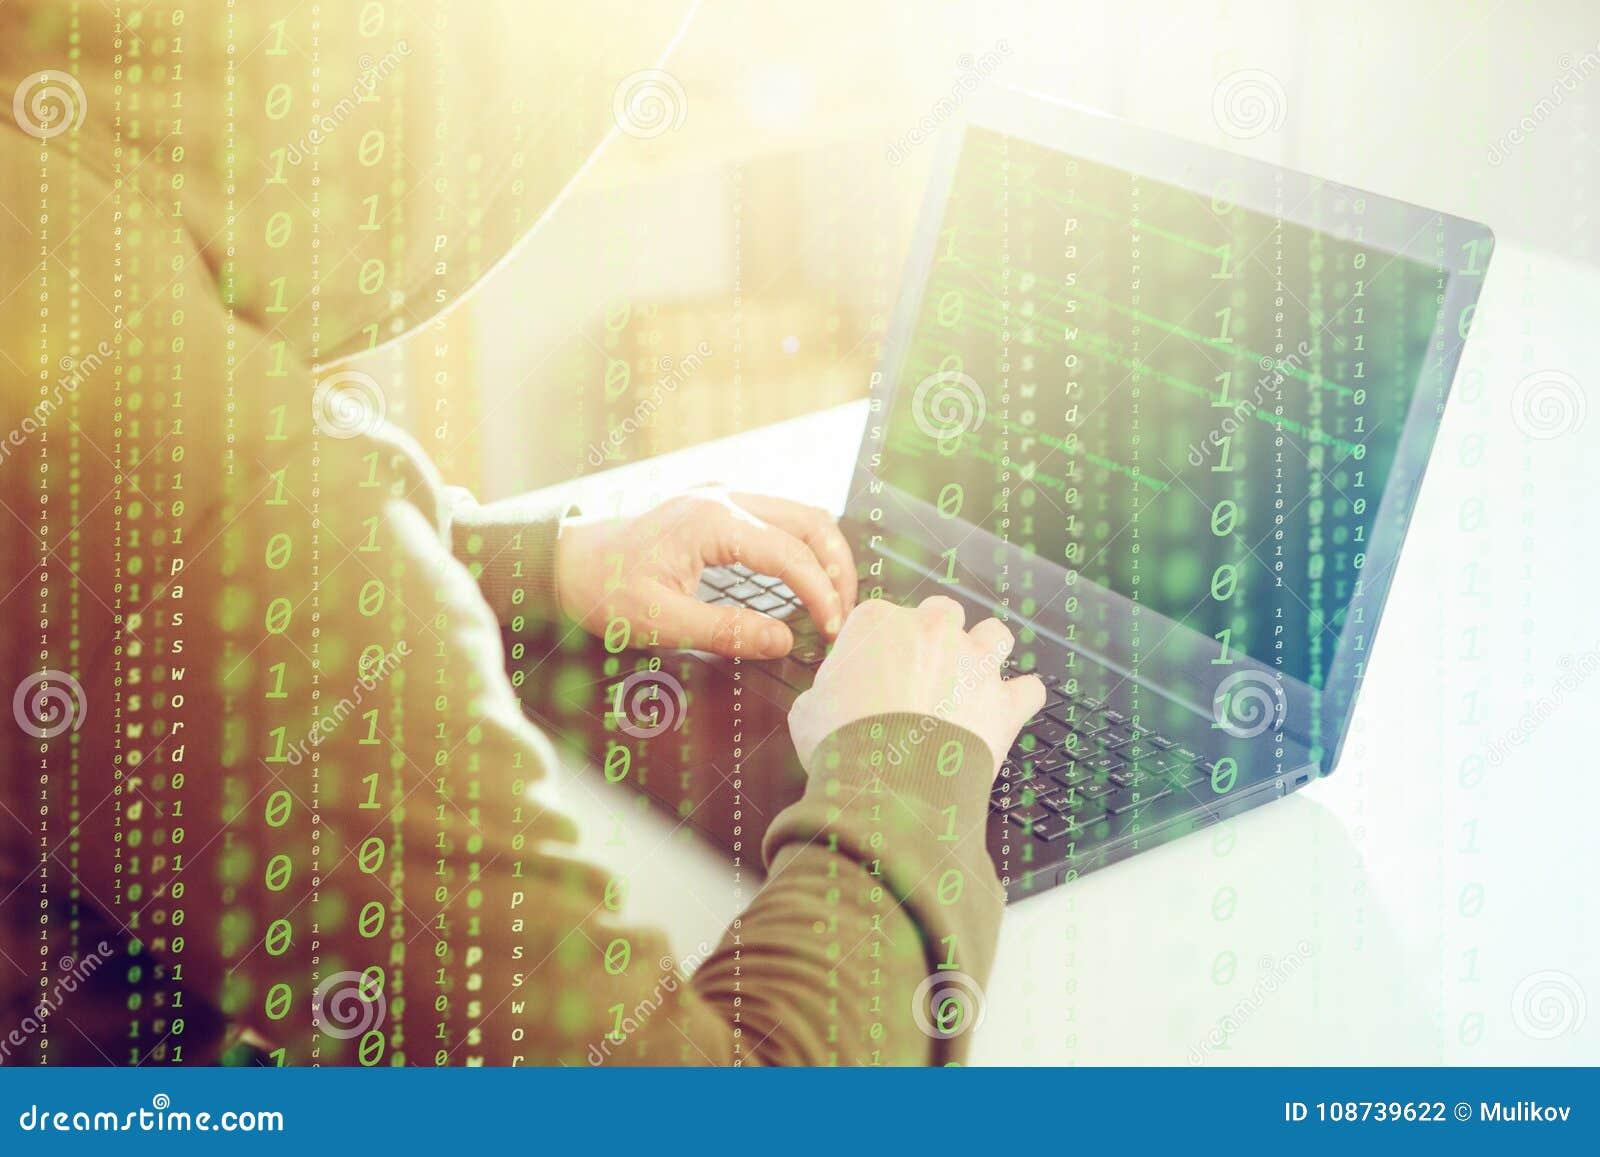 Ο προγραμματιστής χάκερ κοιτάζει στην οθόνη και γράφει τις πληροφορίες αμυχών κώδικα προγράμματος και τον απολογισμό χρηστών